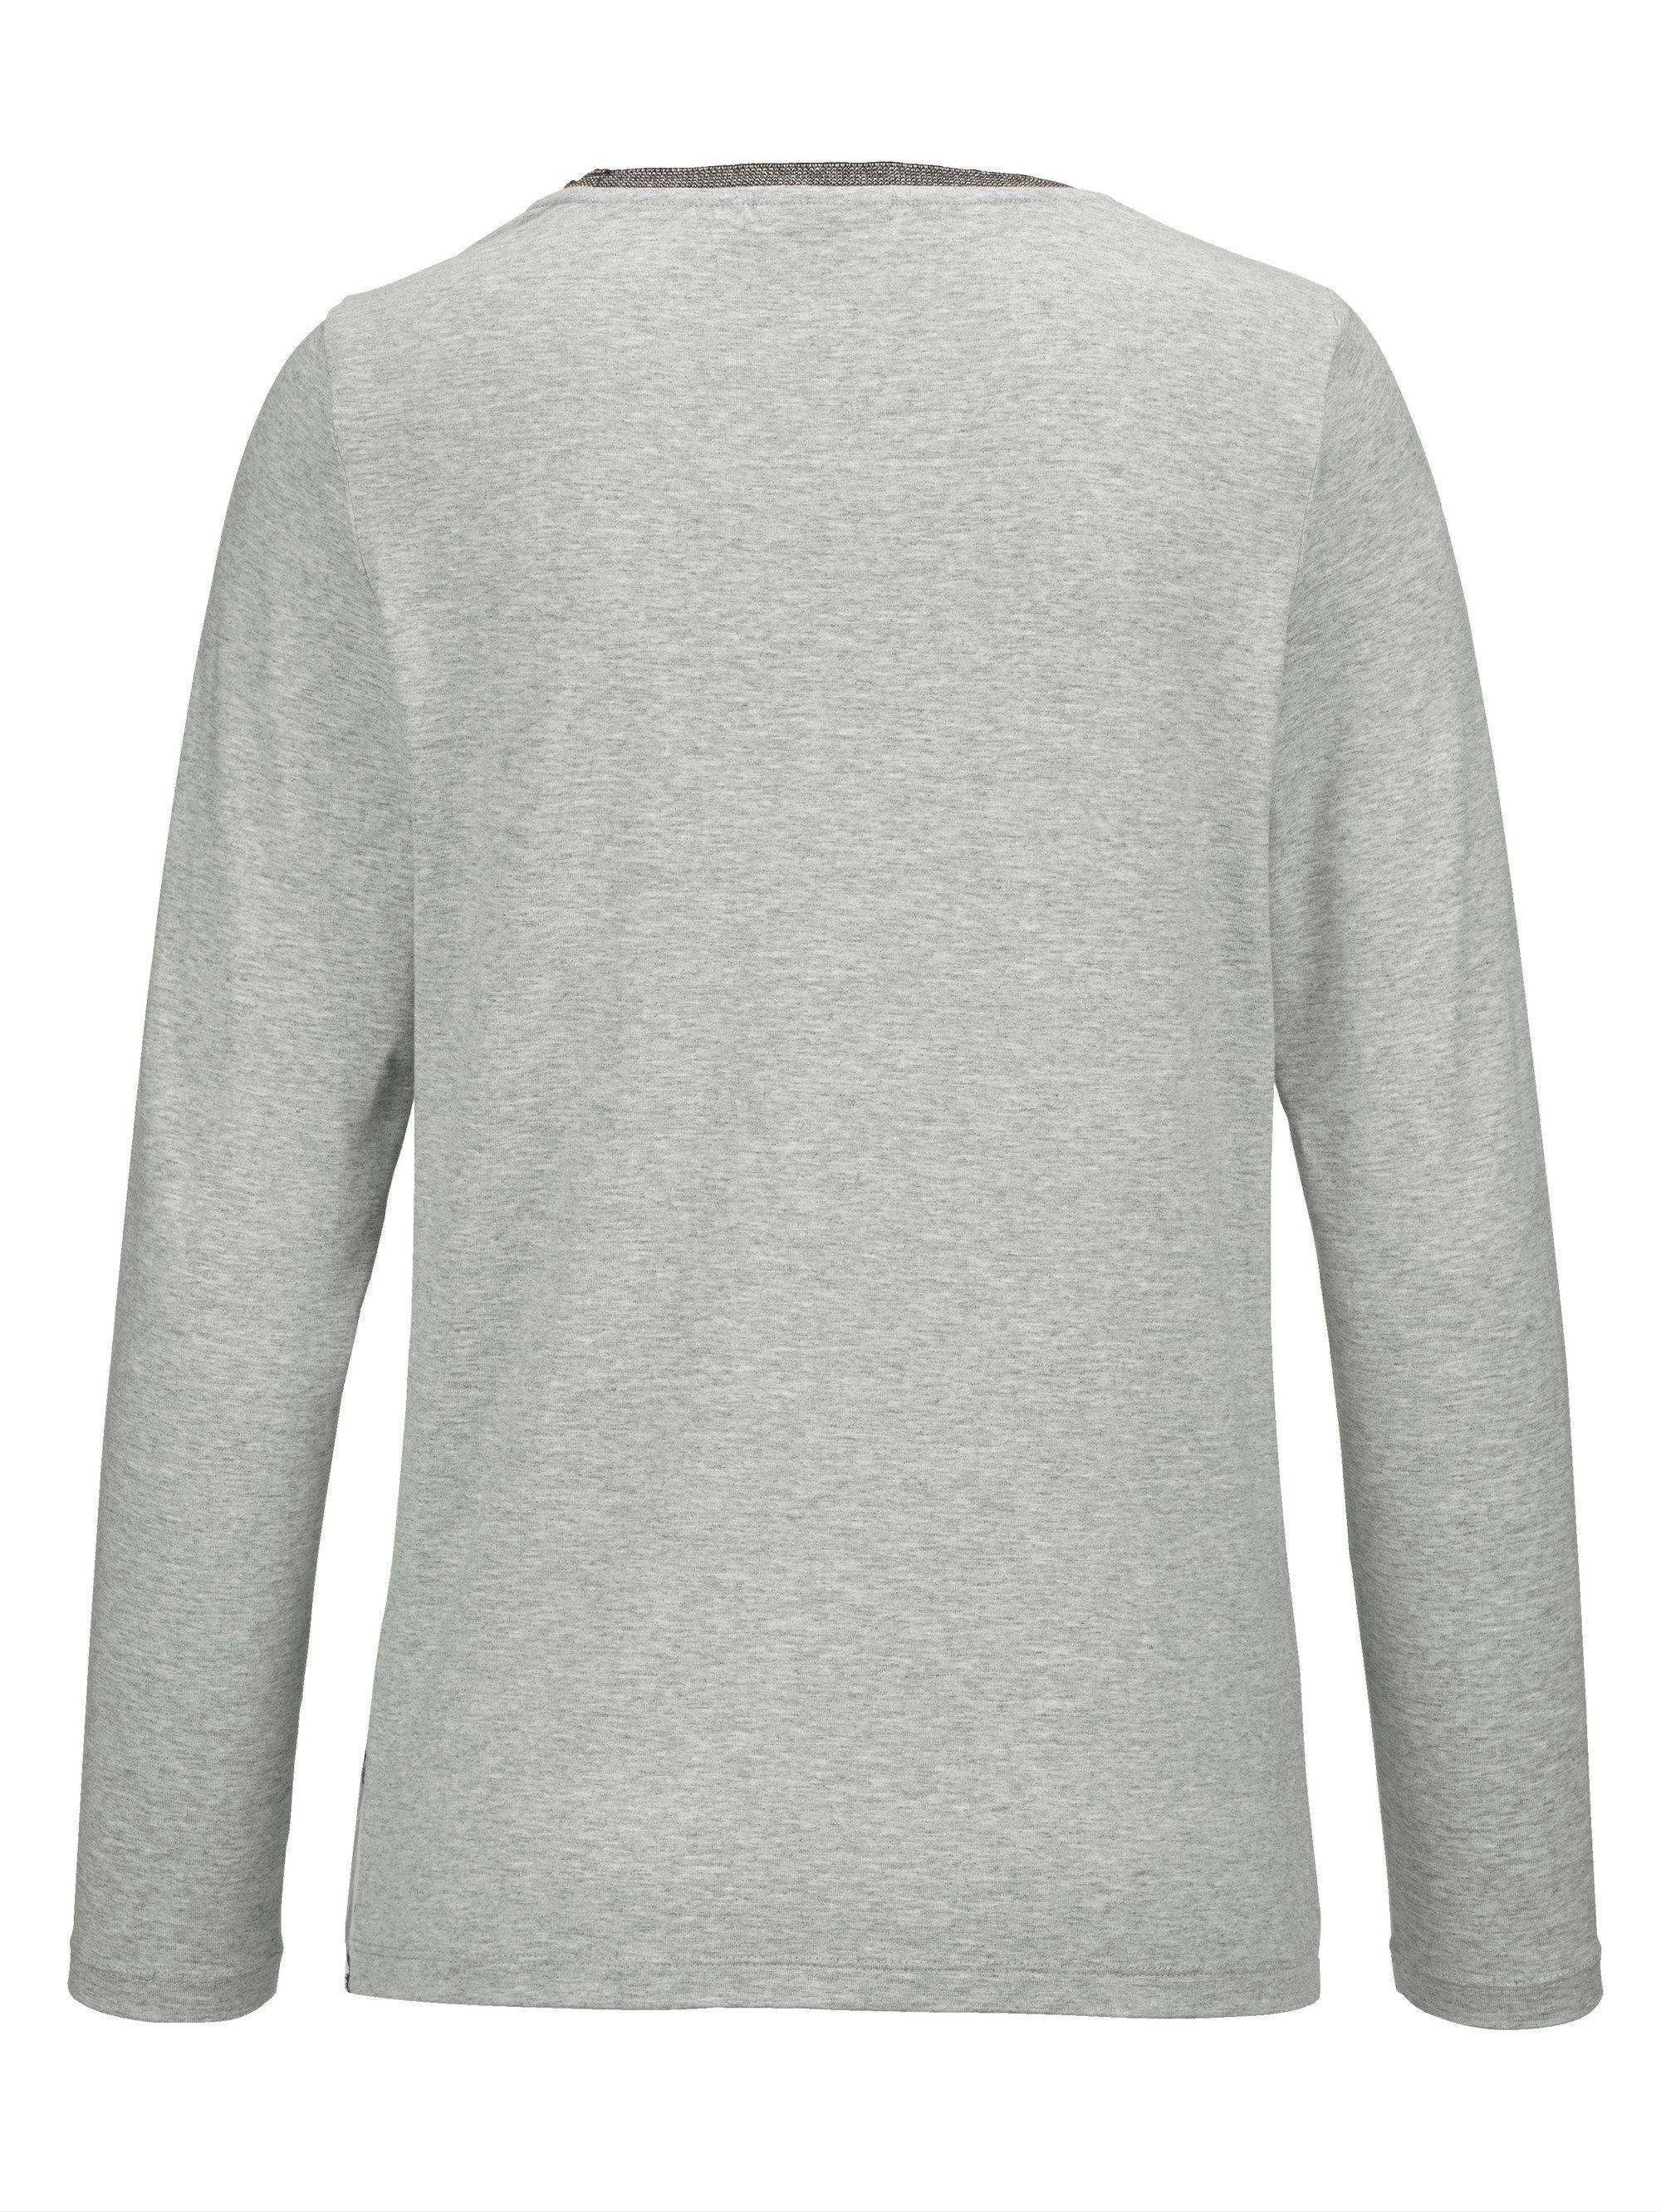 Paola Shirt mit grafischem Druck online kaufen